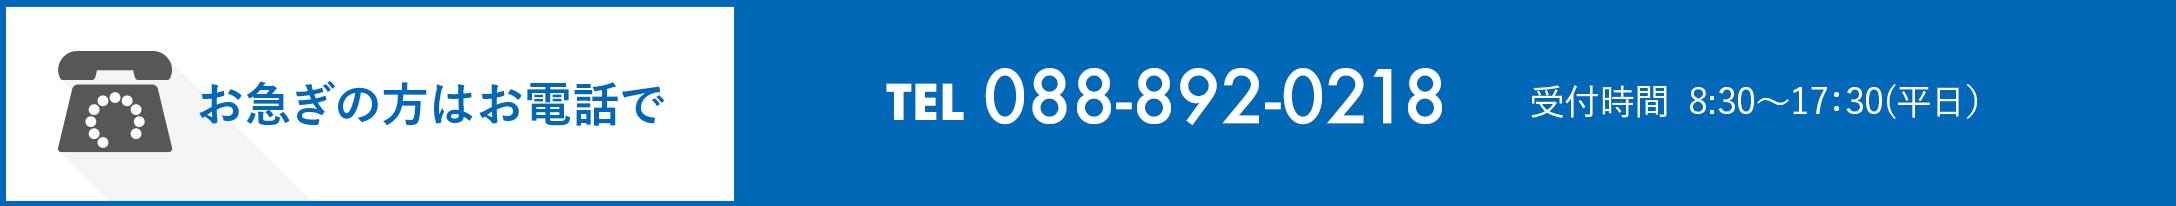 お急ぎの方はお電話で。088-982-0218 受付時間  8:30〜17:30(平日)